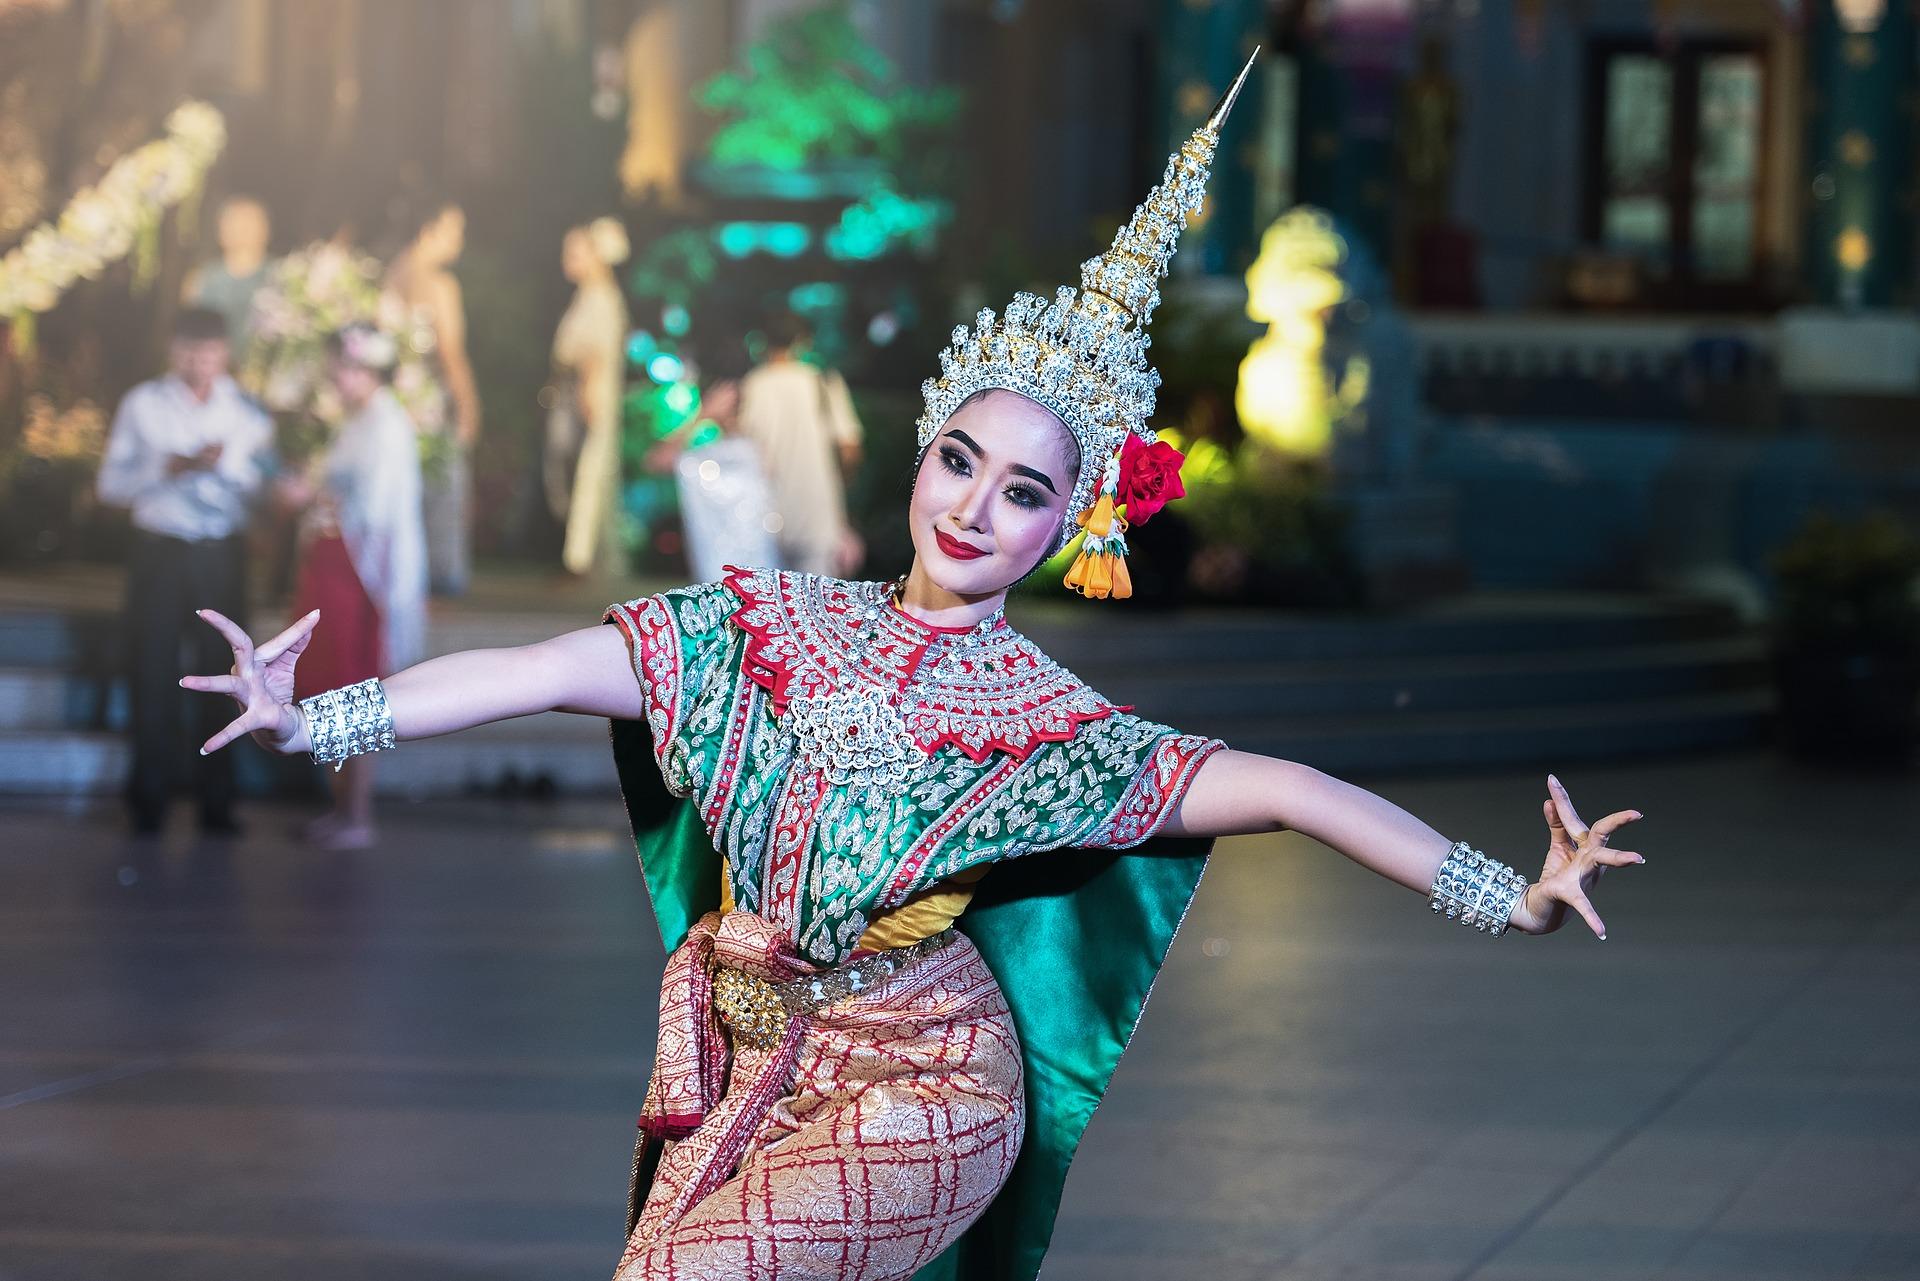 dancer-1807516_1920